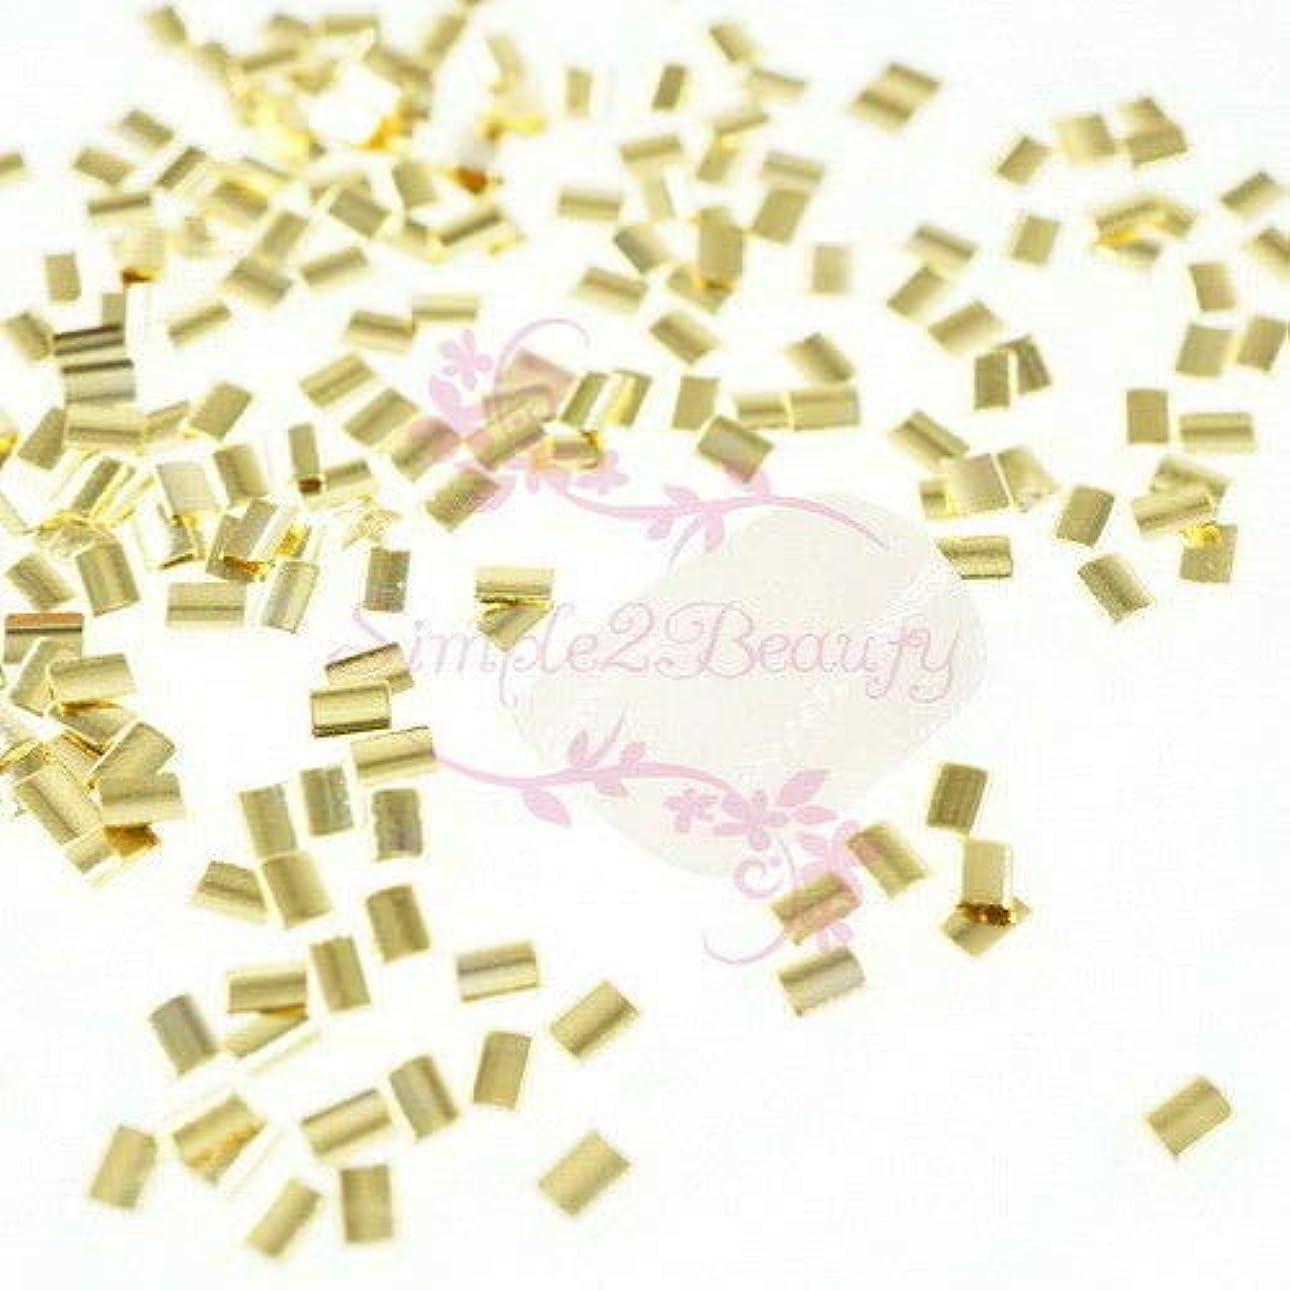 屋内女王神話FidgetGear 500 Rectanlge和風メタリックリベットスタッドネイルアートマニキュアDIYの装飾 ゴールド